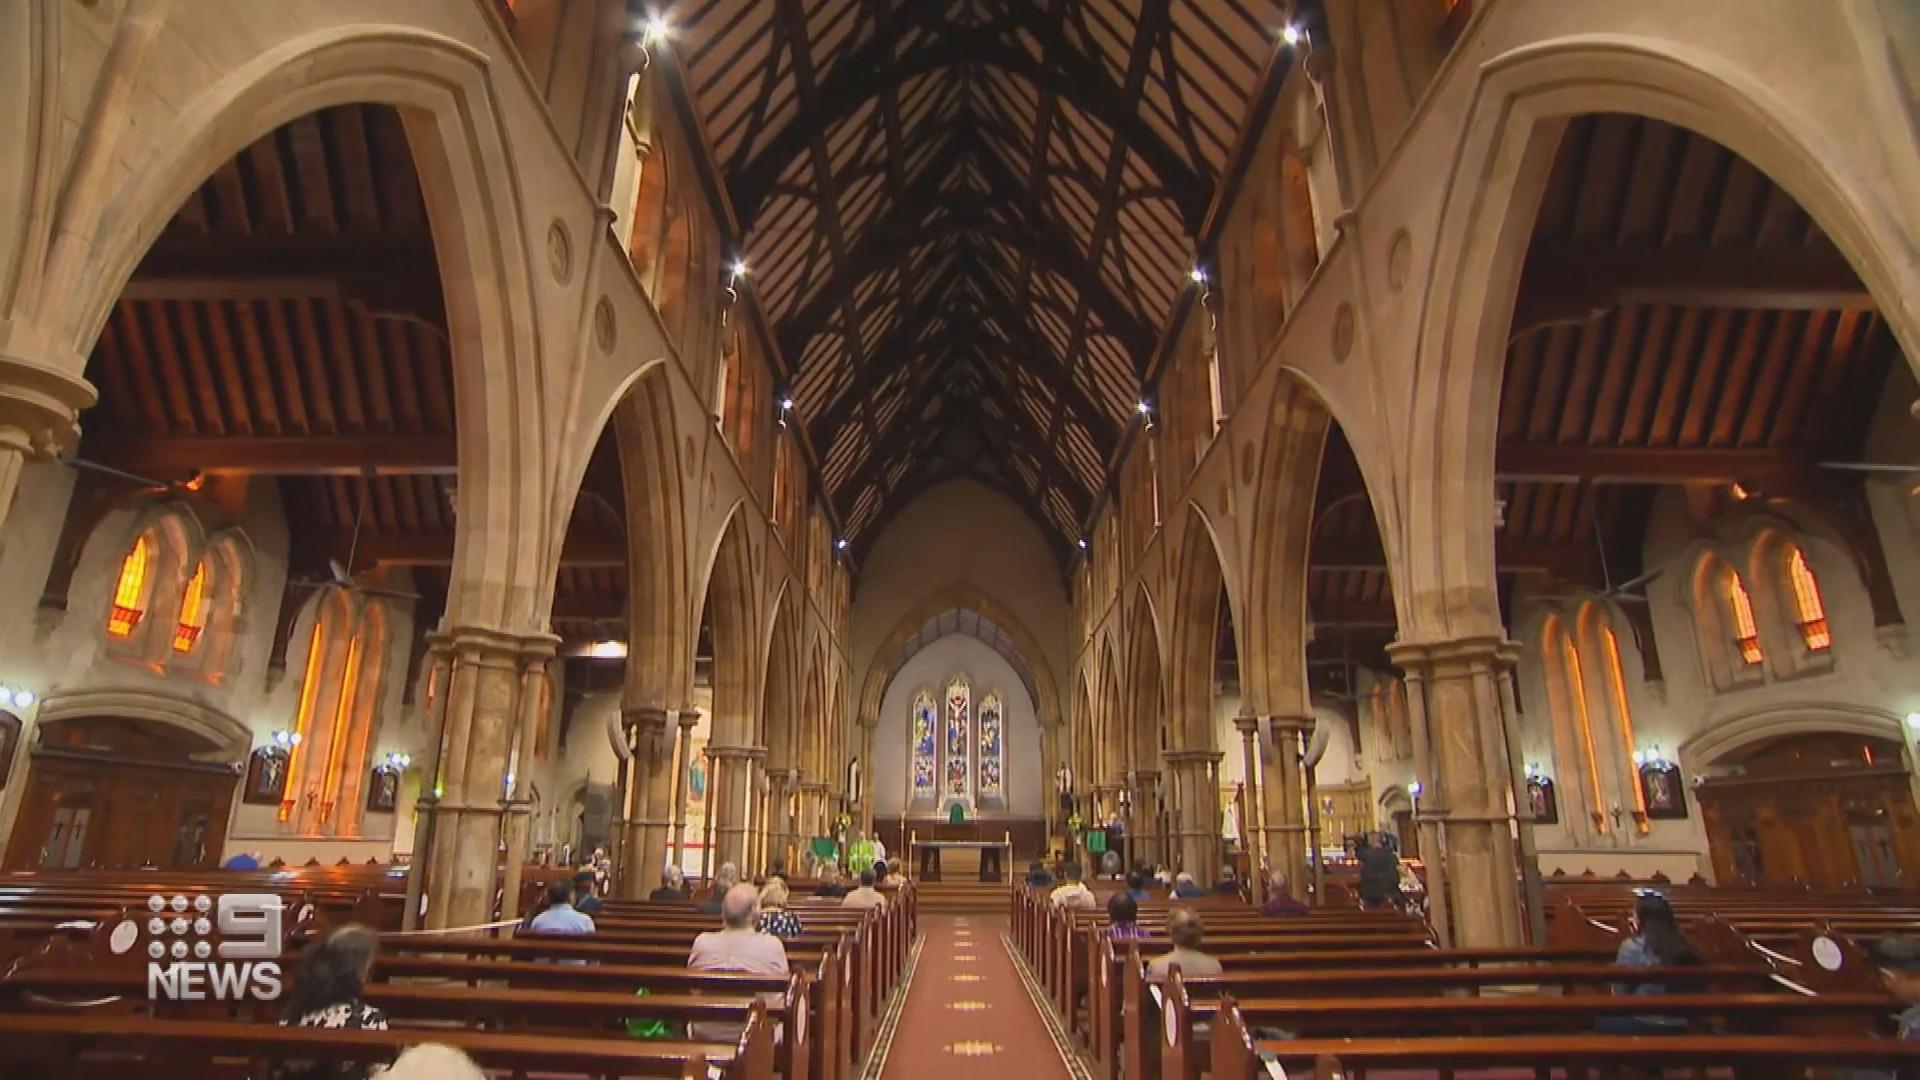 AdelaidechurchmournsdeathofformerArchbishop